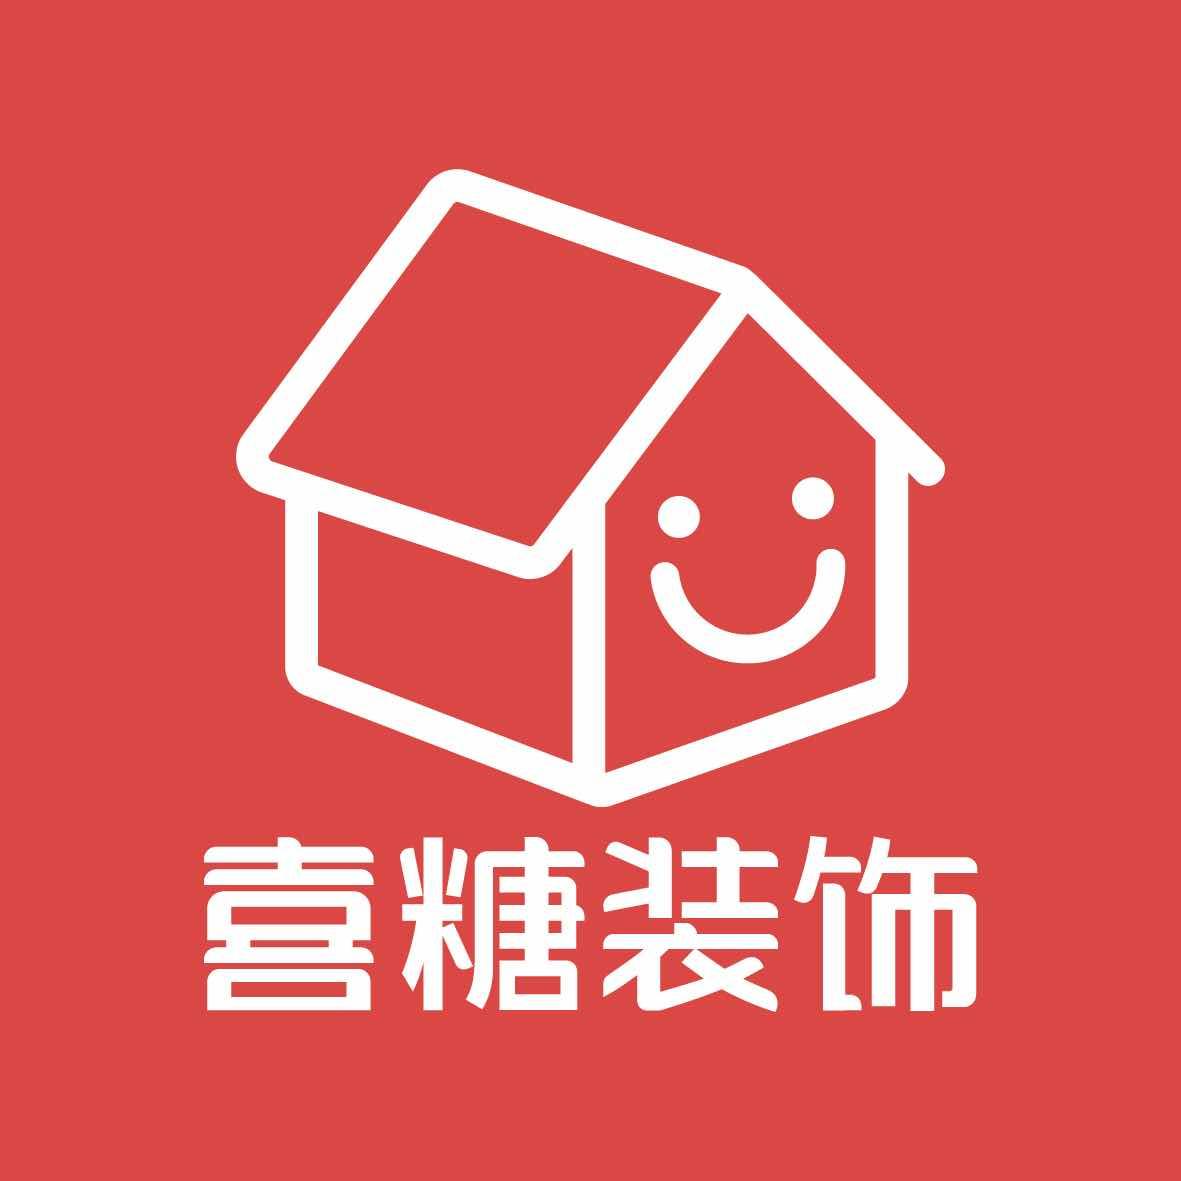 湖南喜糖装饰设计工程有限公司